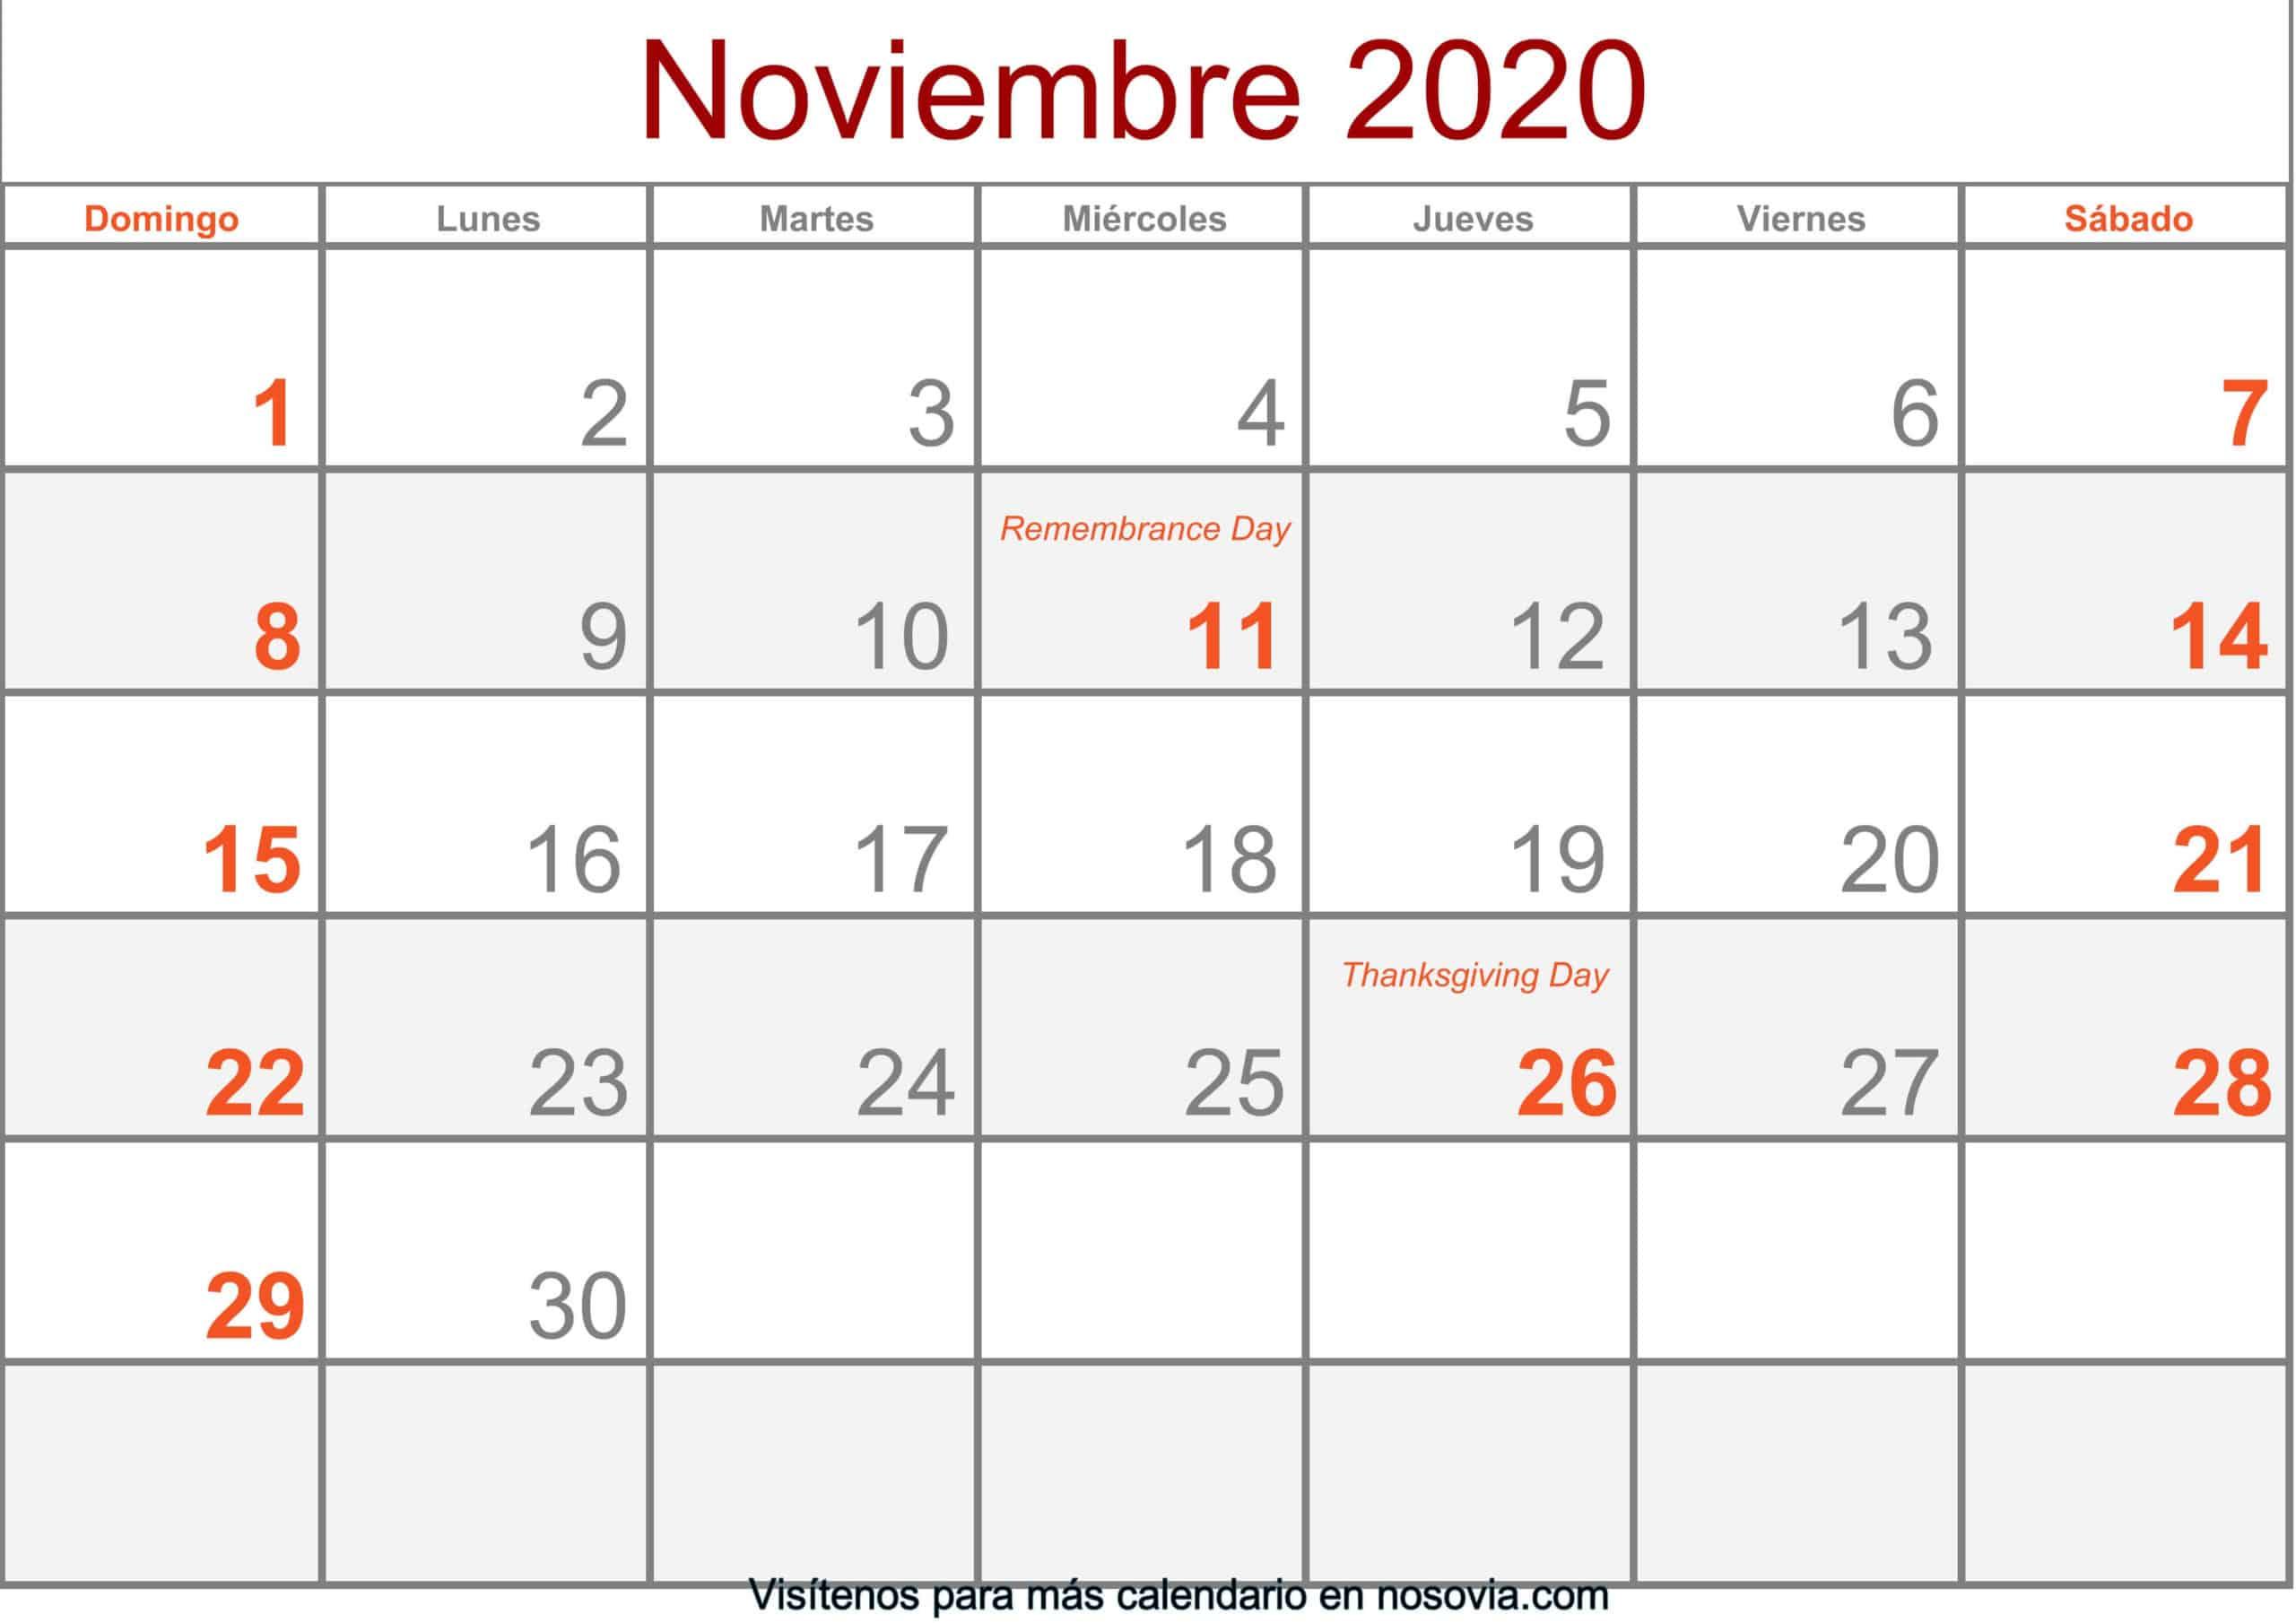 Calendario-noviembre-2020-Con-Festivos-Formato